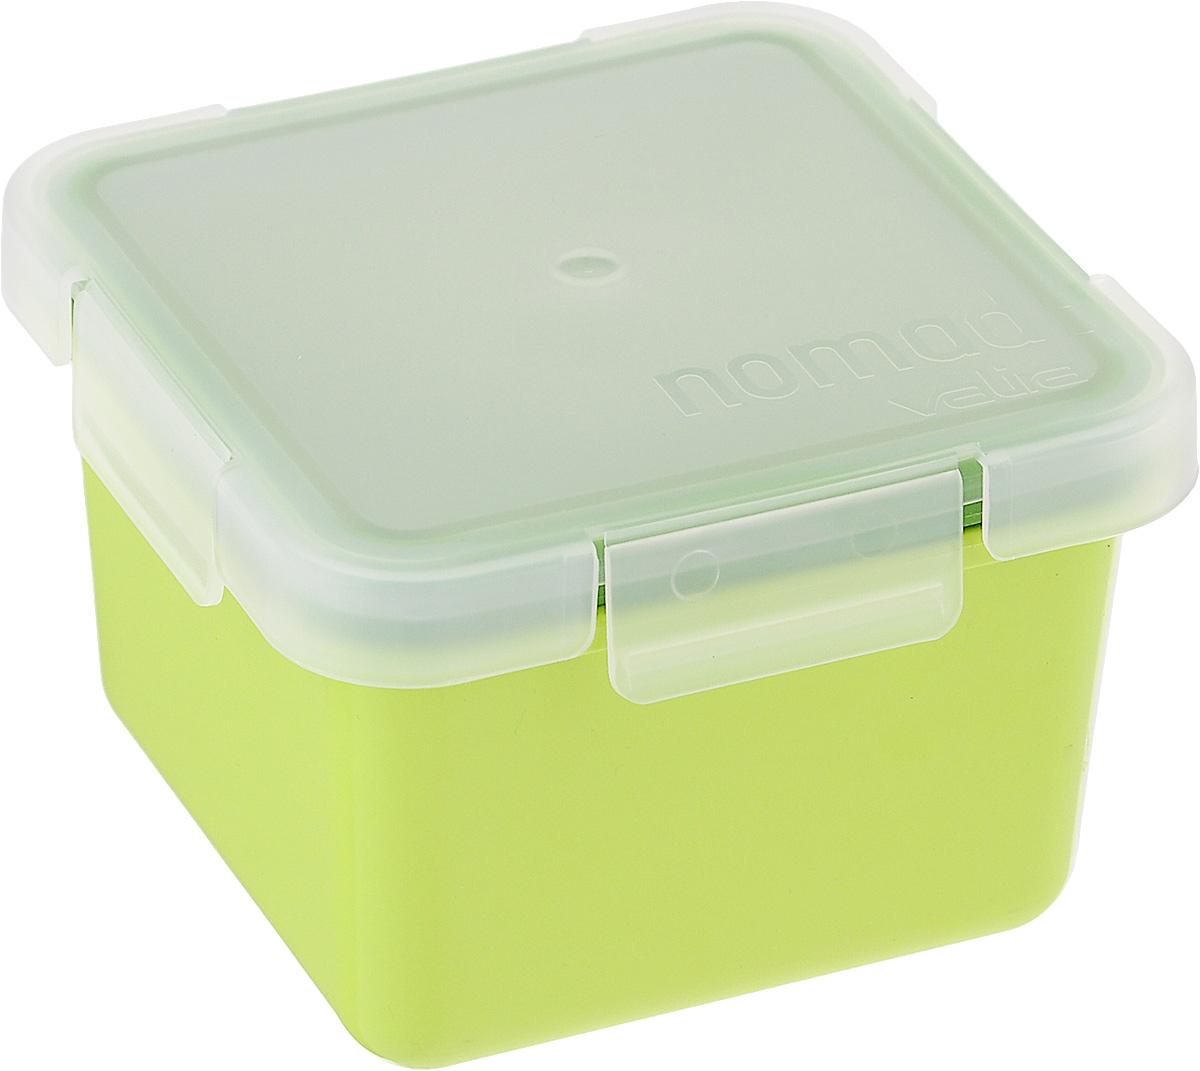 Контейнер пищевой Valira Nomad, цвет: салатовый, 0,4 л6092/147Пищевой контейнер Valira Nomad - это надежный и удобный пищевой контейнер, выполненный из керамического пластика. Данный материал не содержит полипропилена, BPA и фталатов, что очень важно для здоровья. Контейнер оснащен крышкой с силиконовой прослойкой и защелками с четырех сторон. Полностью герметичен и водонепроницаем, отлично подходит даже для переноски жидких блюд. Не впитывает запахов и не окрашивается в цвет пищи, материал изделия приятен на ощупь. Контейнер подходит для ежедневного использования на работе или учебе, а также для отдыха на природе. Благодаря компактным размерам его удобно взять с собой в поездку или путешествие. Контейнер можно использовать для разогревания пищи в микроволновой печи, а также для замораживания продуктов до -20°С. Легко моется в посудомоечной машине.